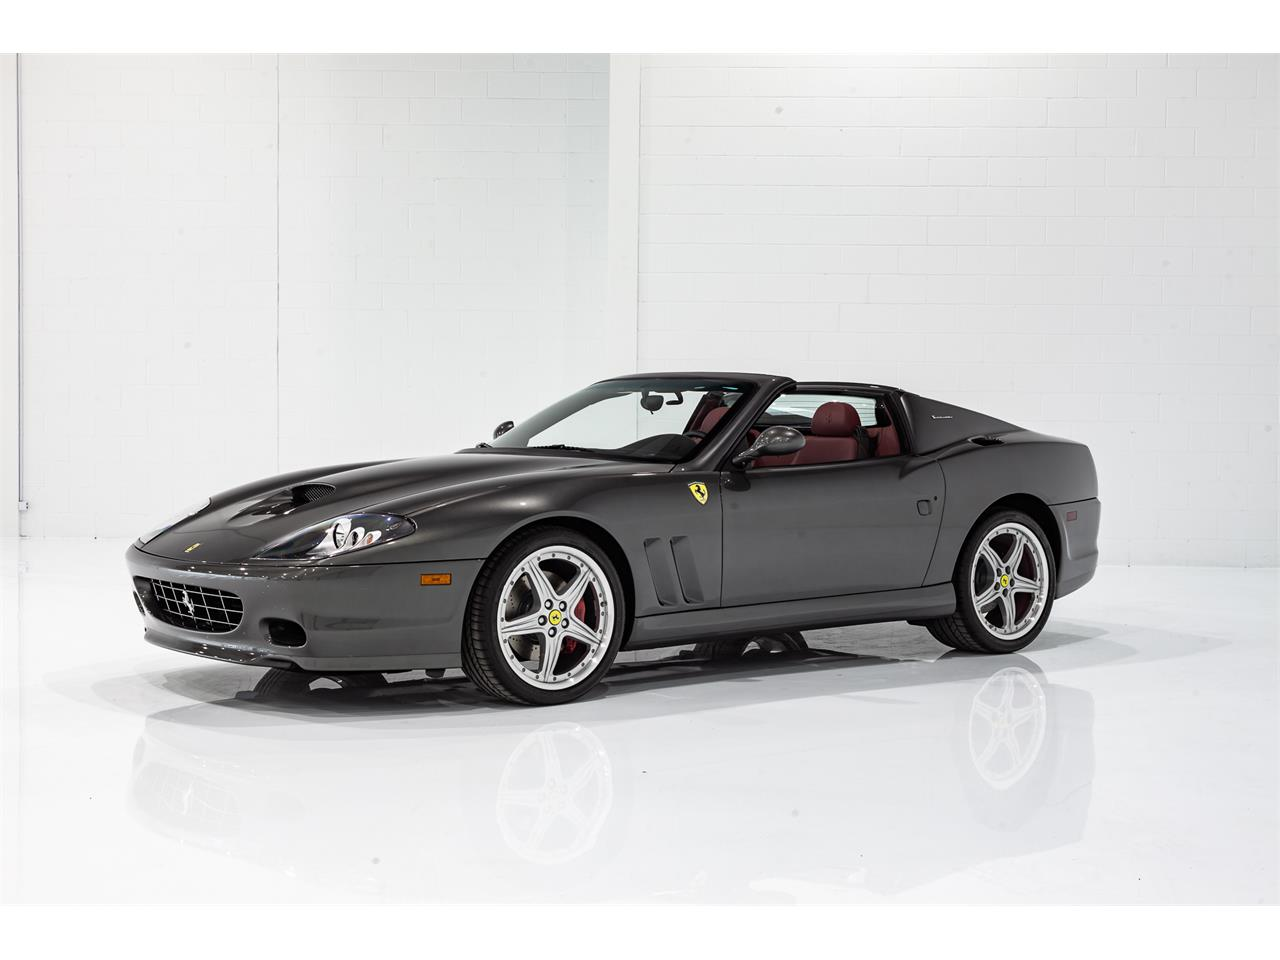 2005 Ferrari 575 (CC-1350377) for sale in Montreal, Quebec